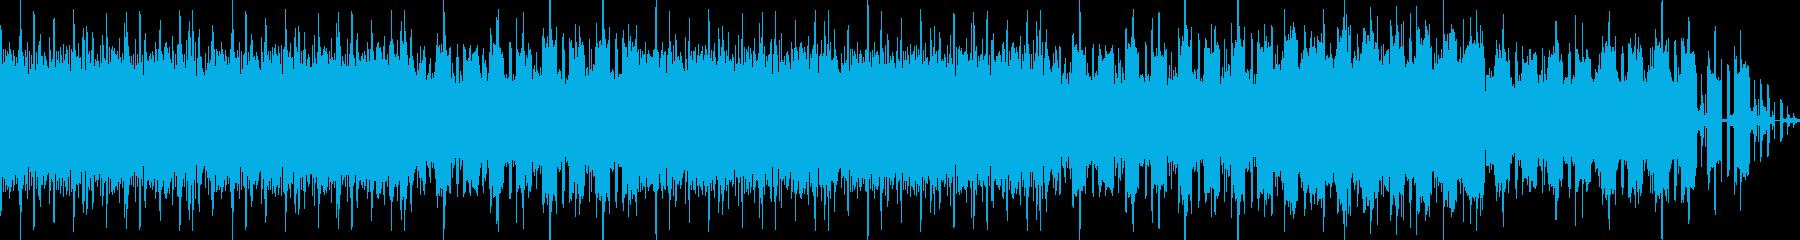 緊張・テンション・緊迫感のあるBGMの再生済みの波形